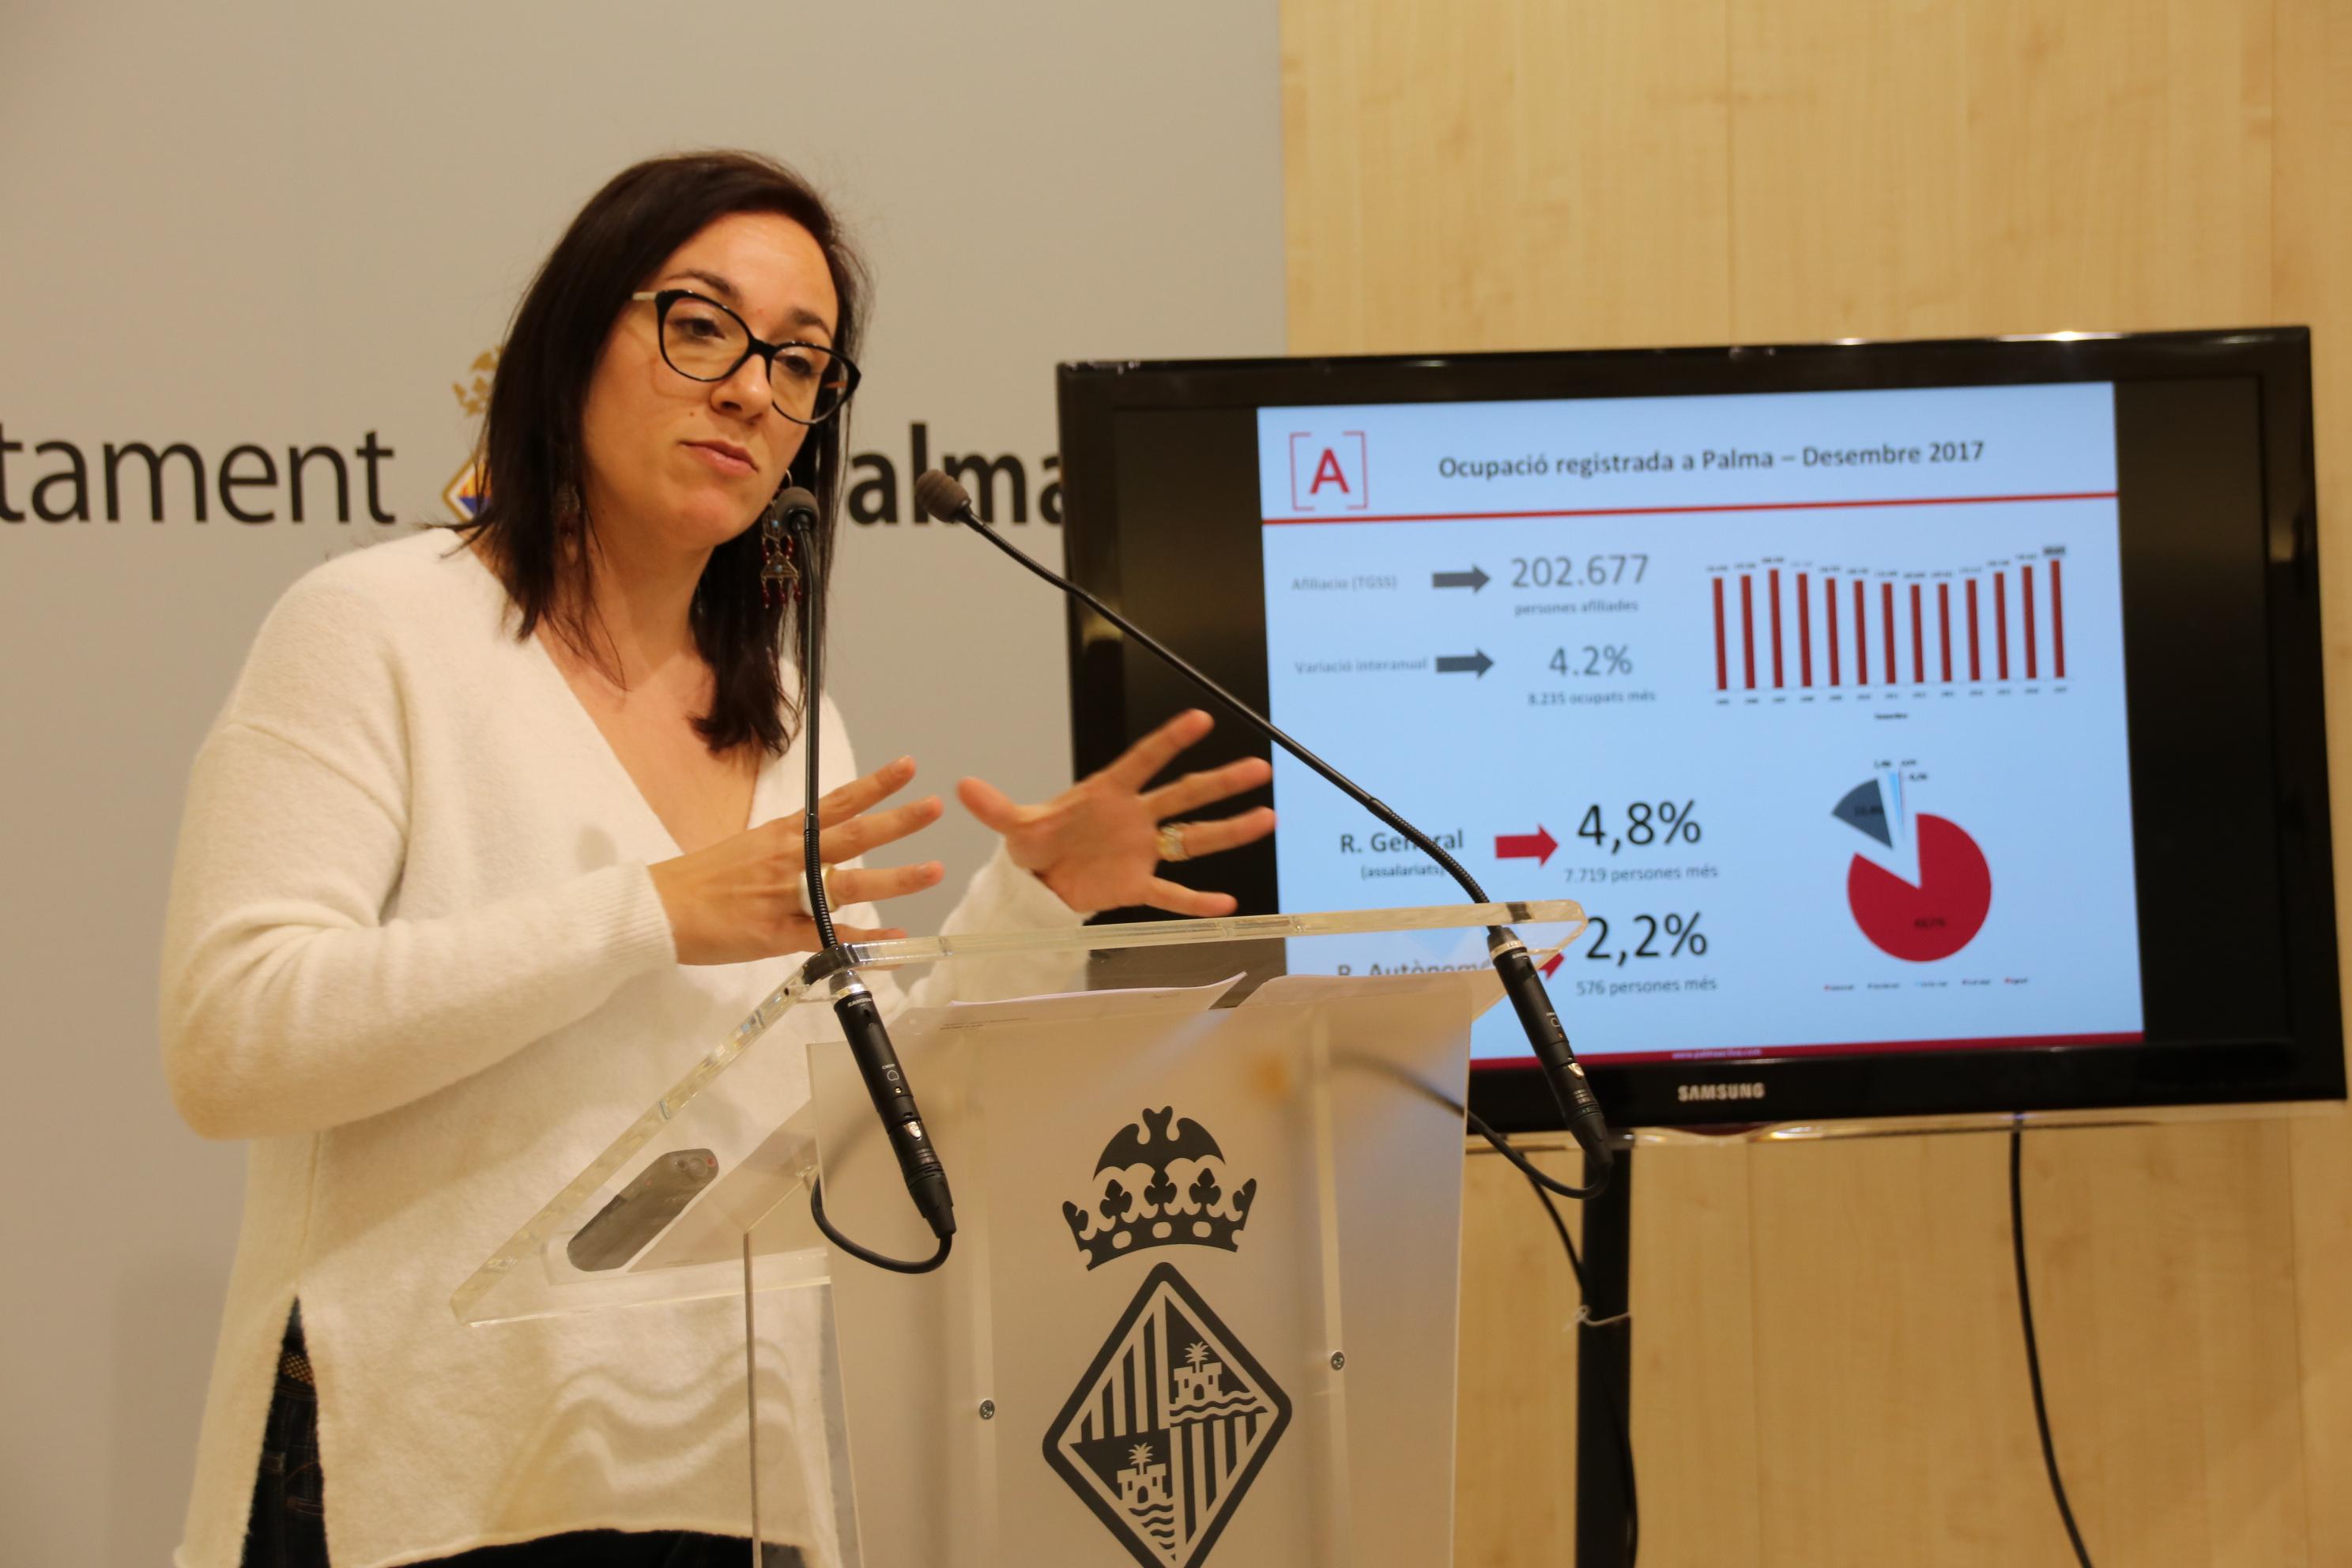 Palma registró en enero 15.000 contratos laborales